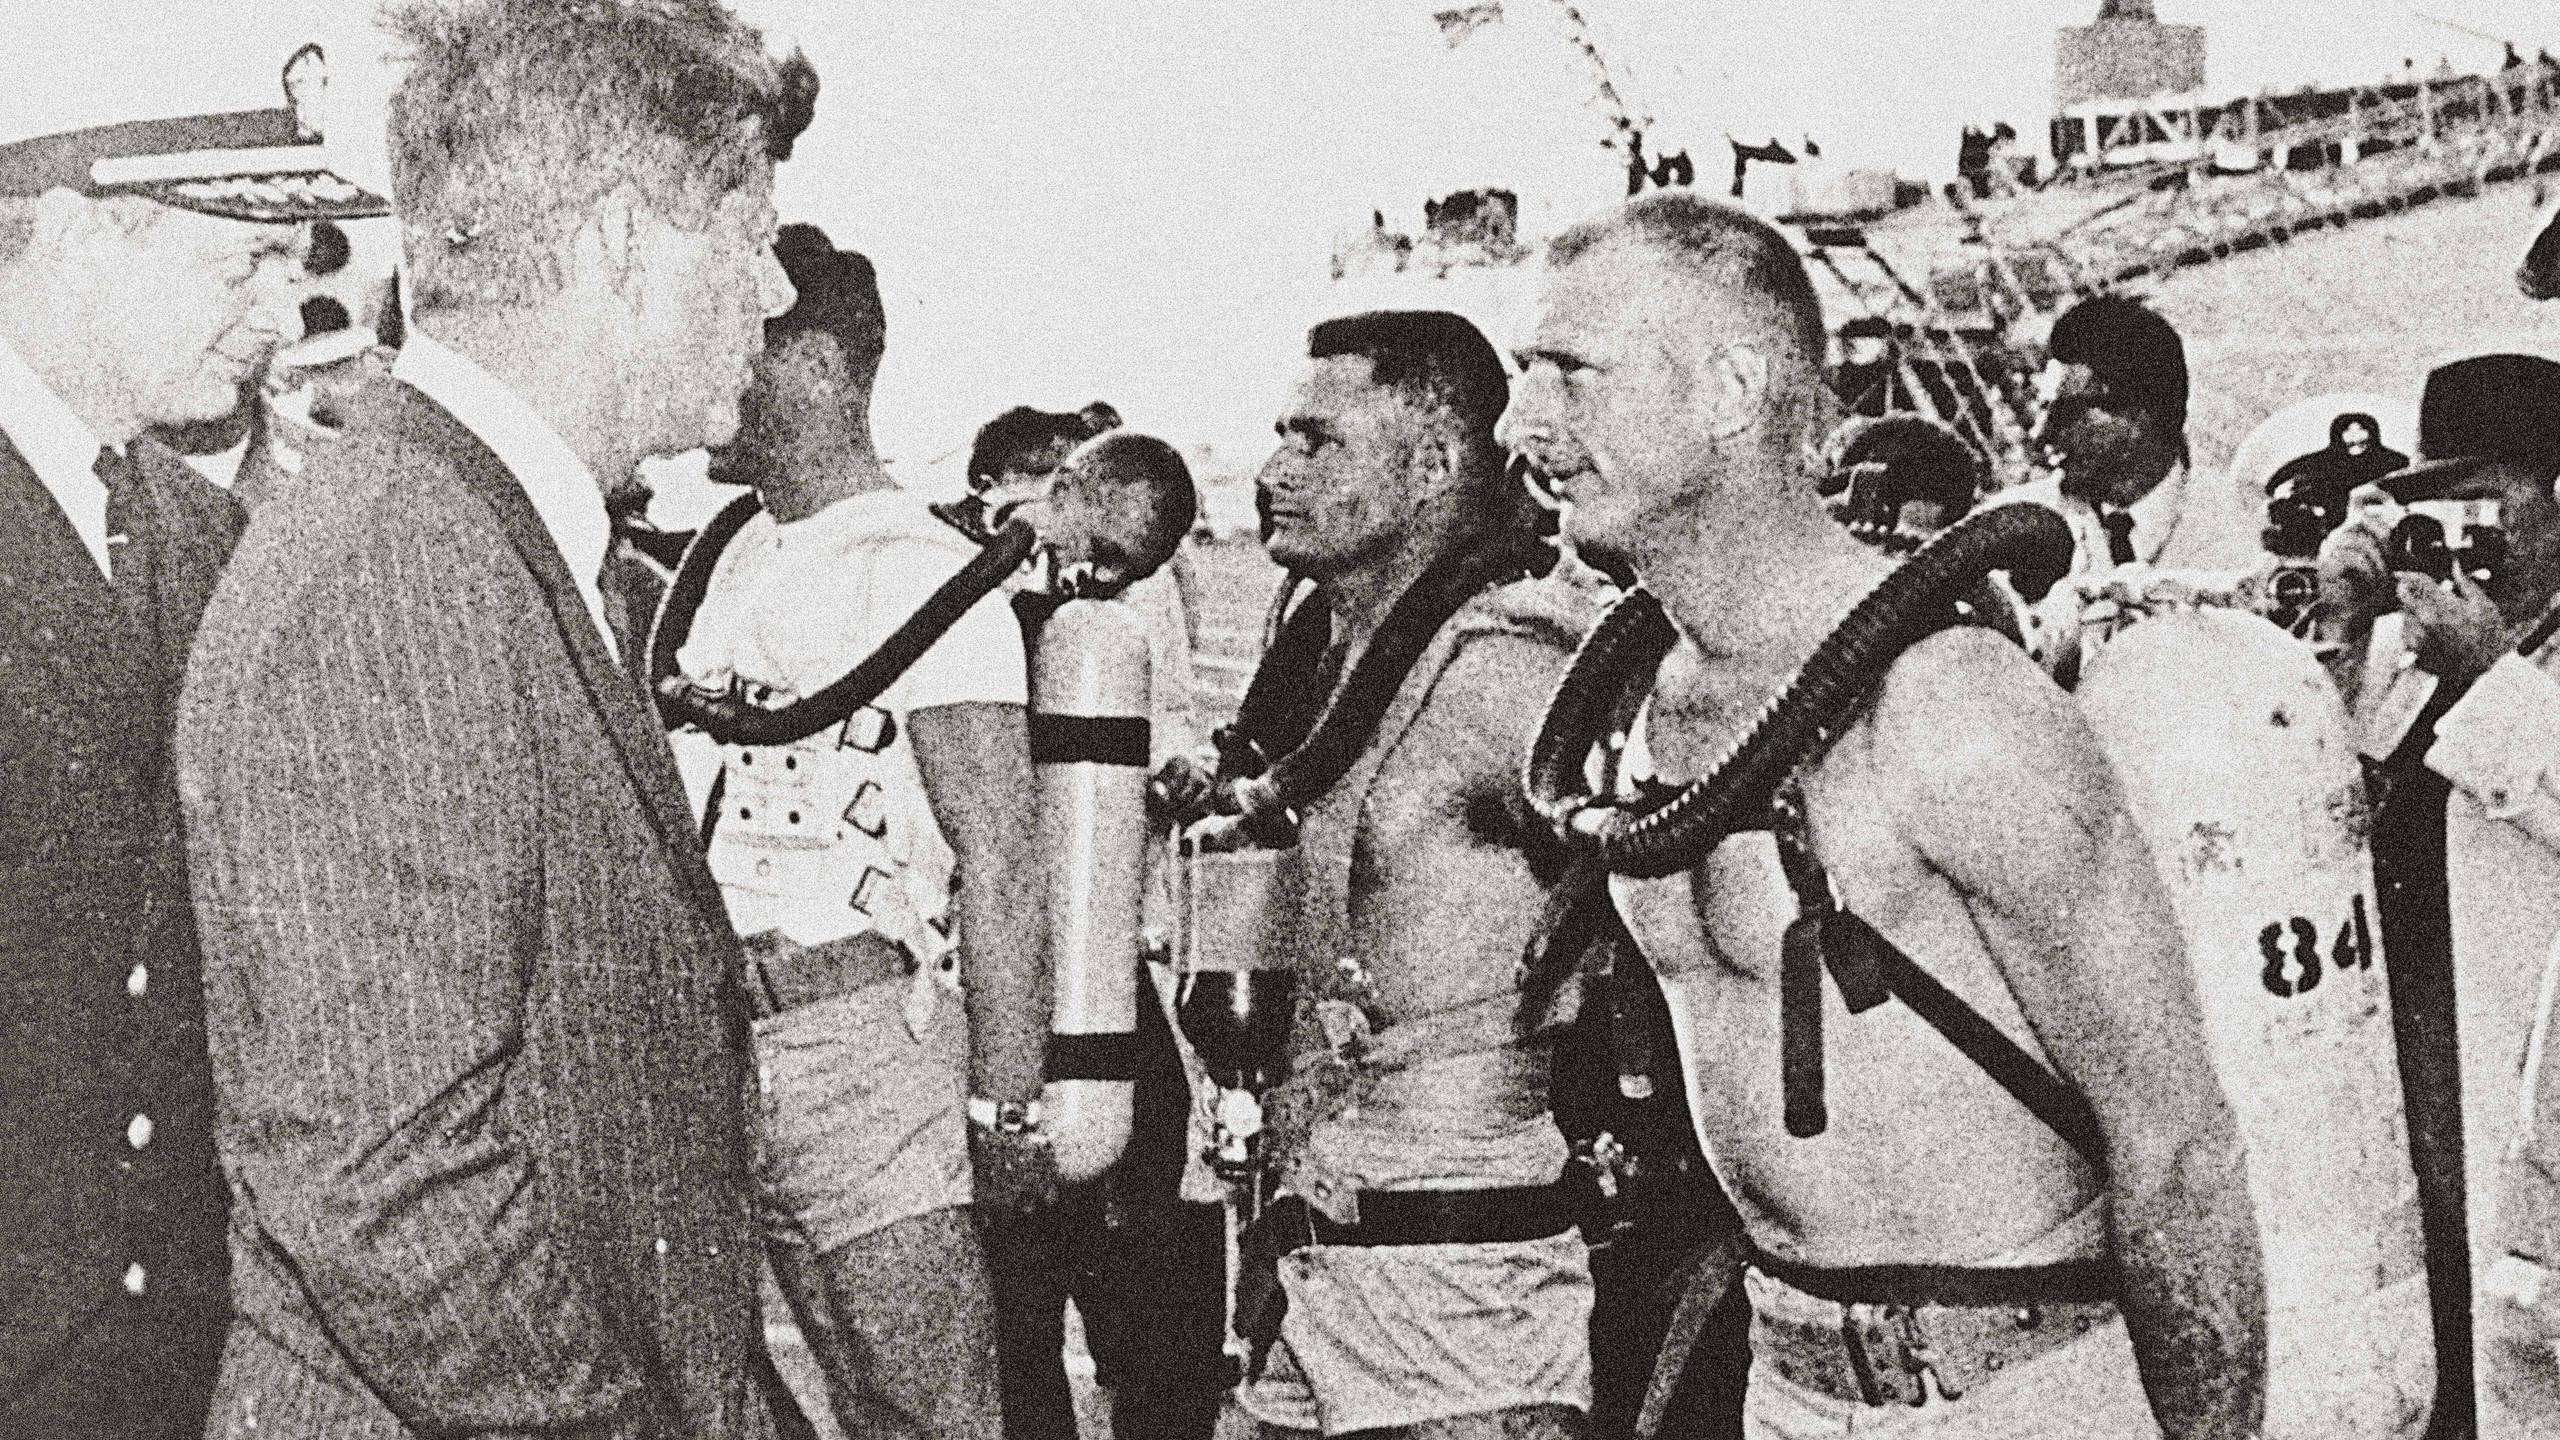 美國前總統John F. Kennedy 與US Navy Seals 隊員傾談,BLANCPAIN 五十噚潛水錶是他們的標準裝備。